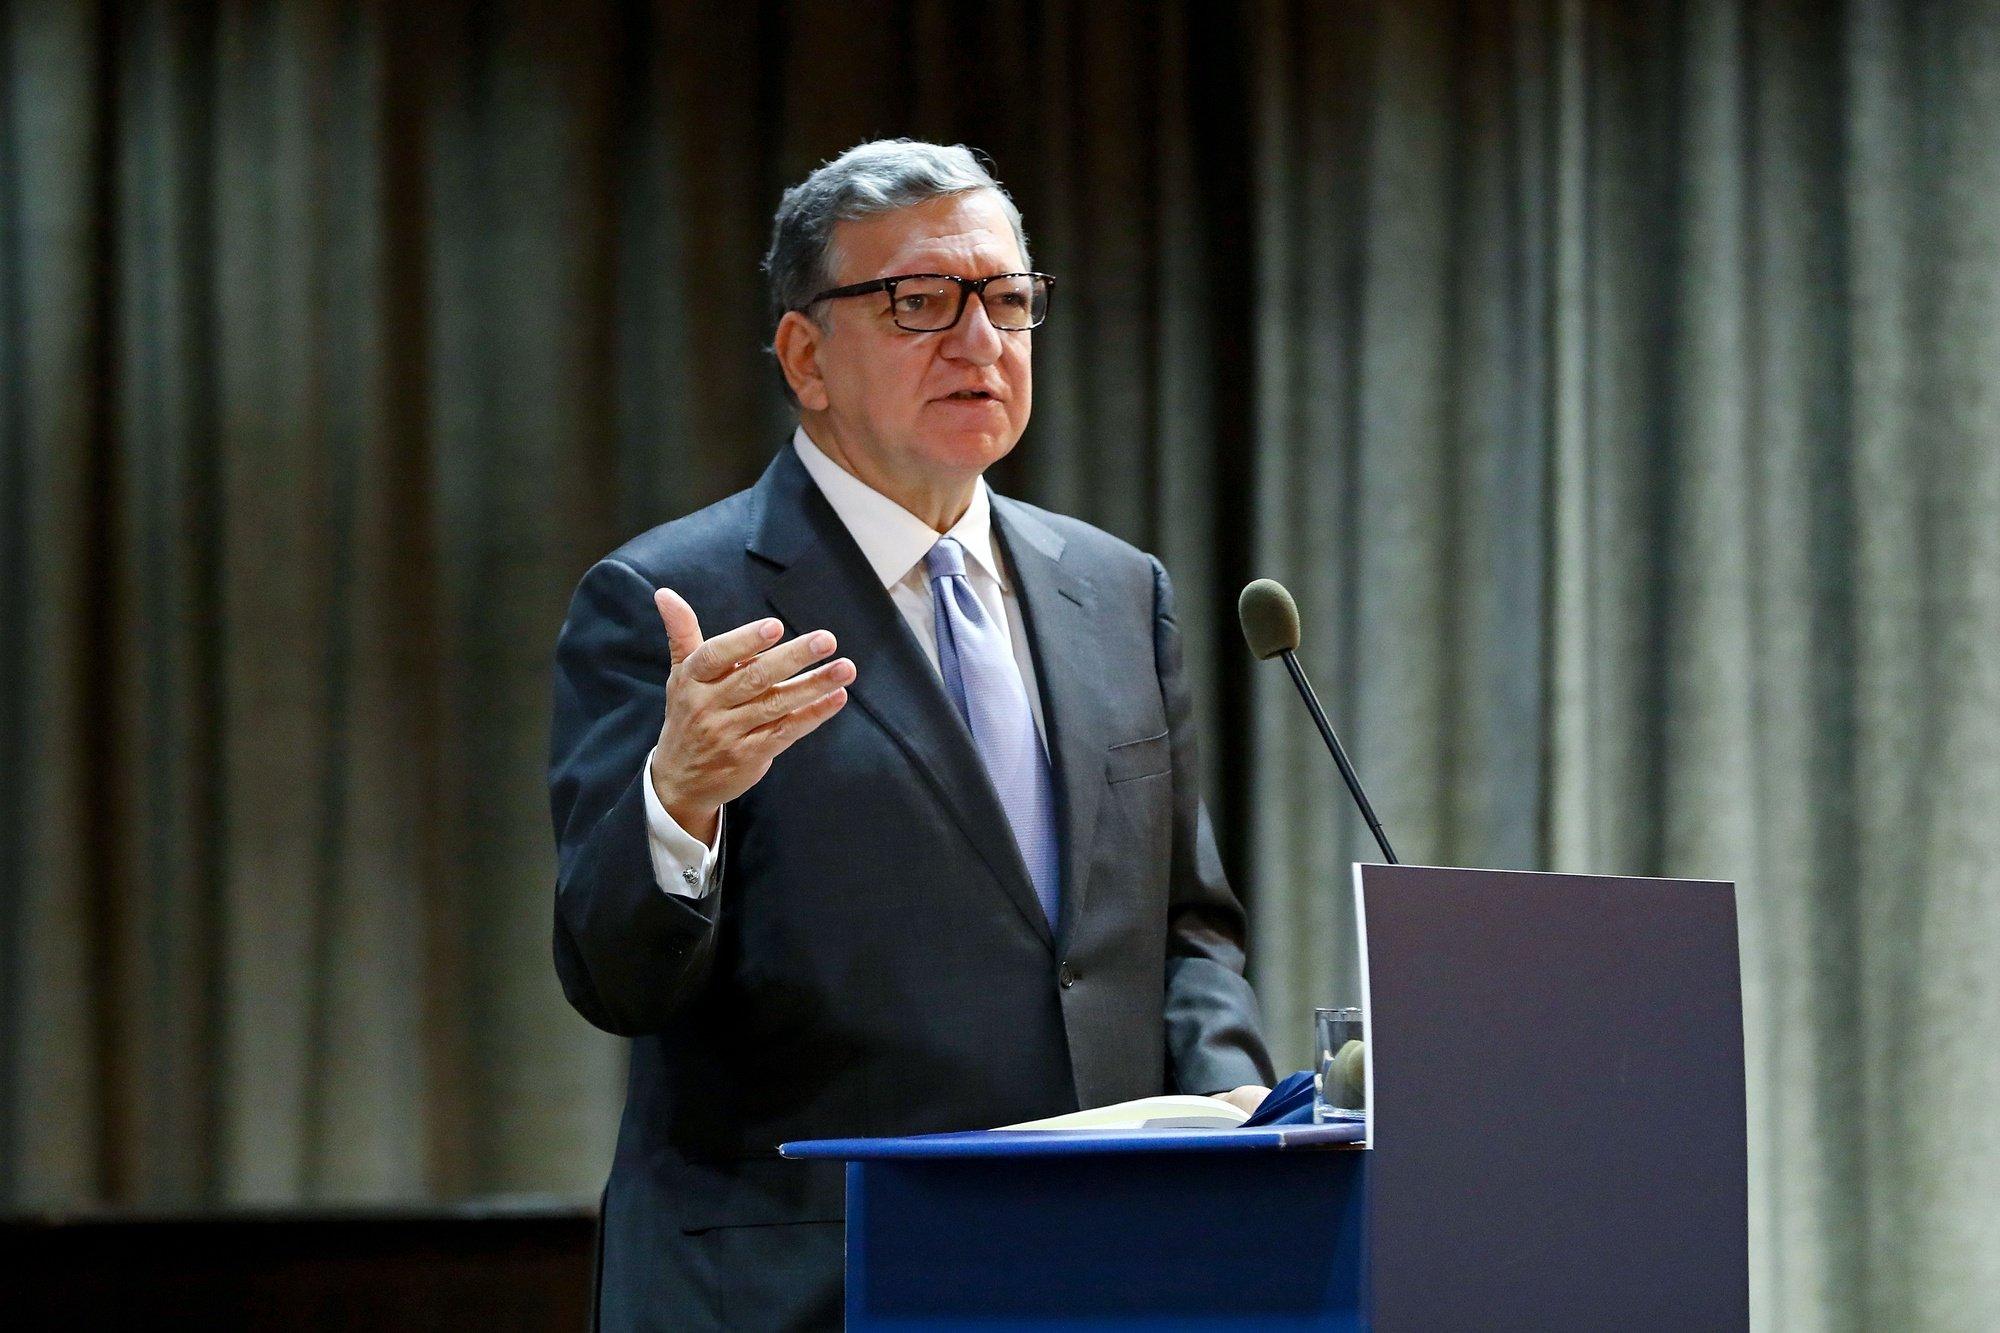 """O diretor do Centro de Estudos Europeus, José Manuel Durão Barroso, intervém na conferência """"Presidência do Conselho da União Europeia 2021"""", na Universidade Católica, em Lisboa, 23 de novembro de 2020. Portugal assumirá a Presidência do Conselho da União Europeia no primeiro semestre de 2021, sucedendo à Alemanha. ANTÓNIO PEDRO SANTOS/LUSA"""